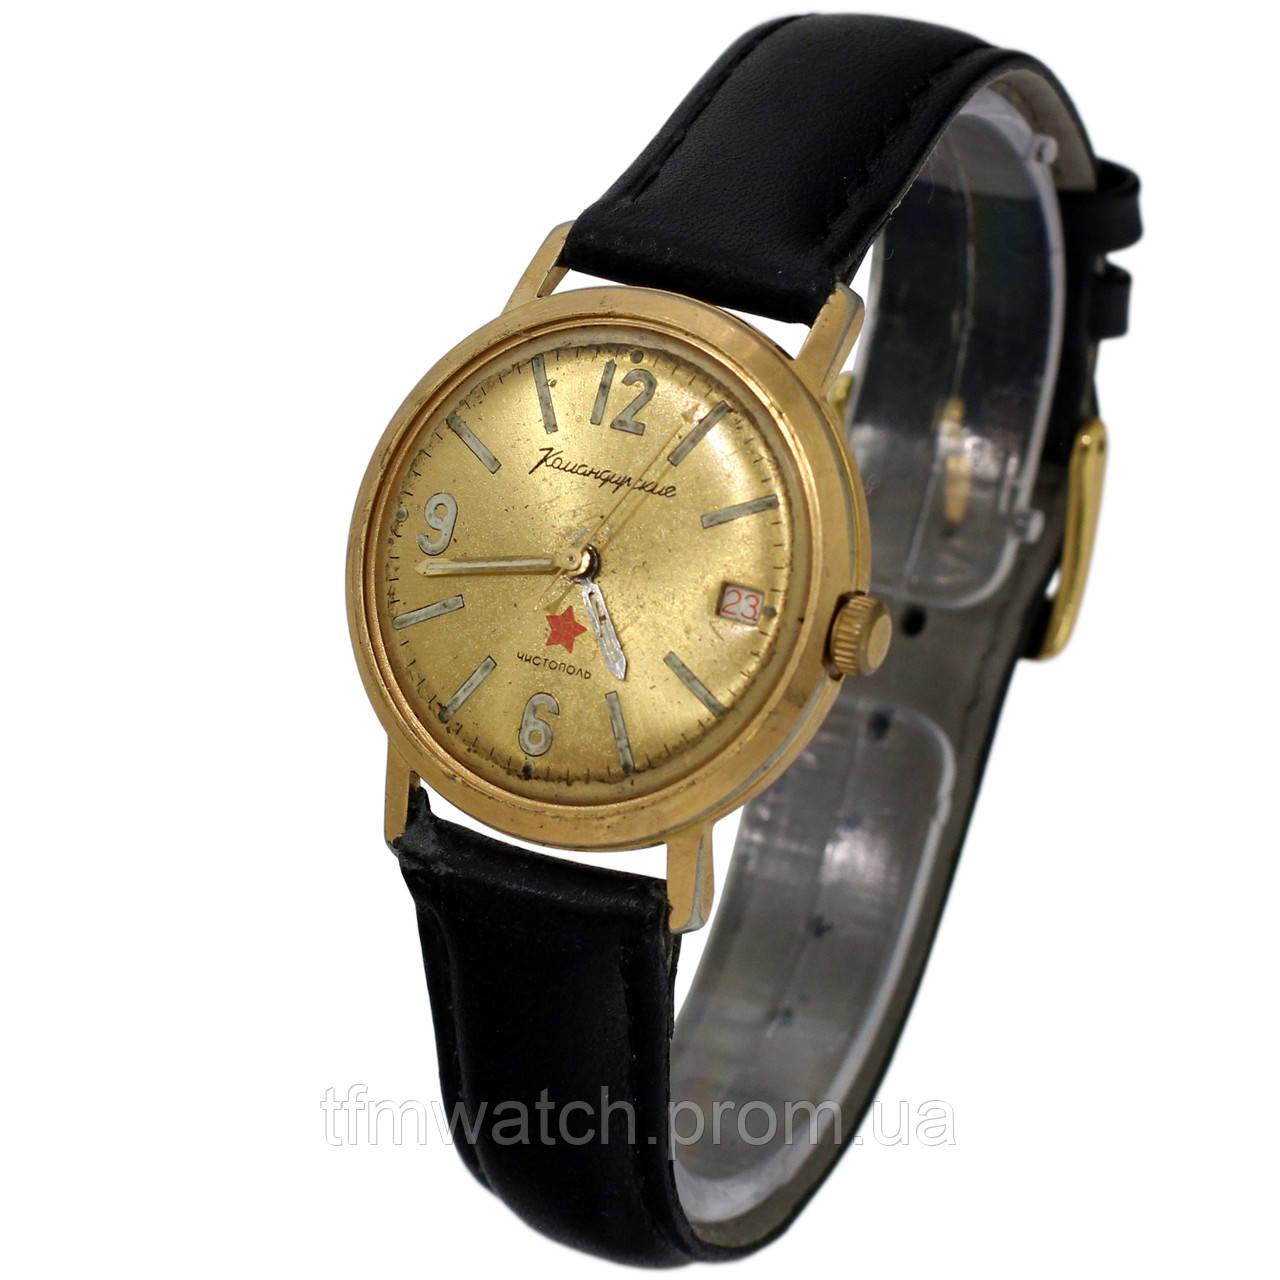 a3381d2d Позолоченные Командирские часы Чистополь заказ МО СССР противоударные  пылезащитные - Магазин старинных, винтажных и антикварных